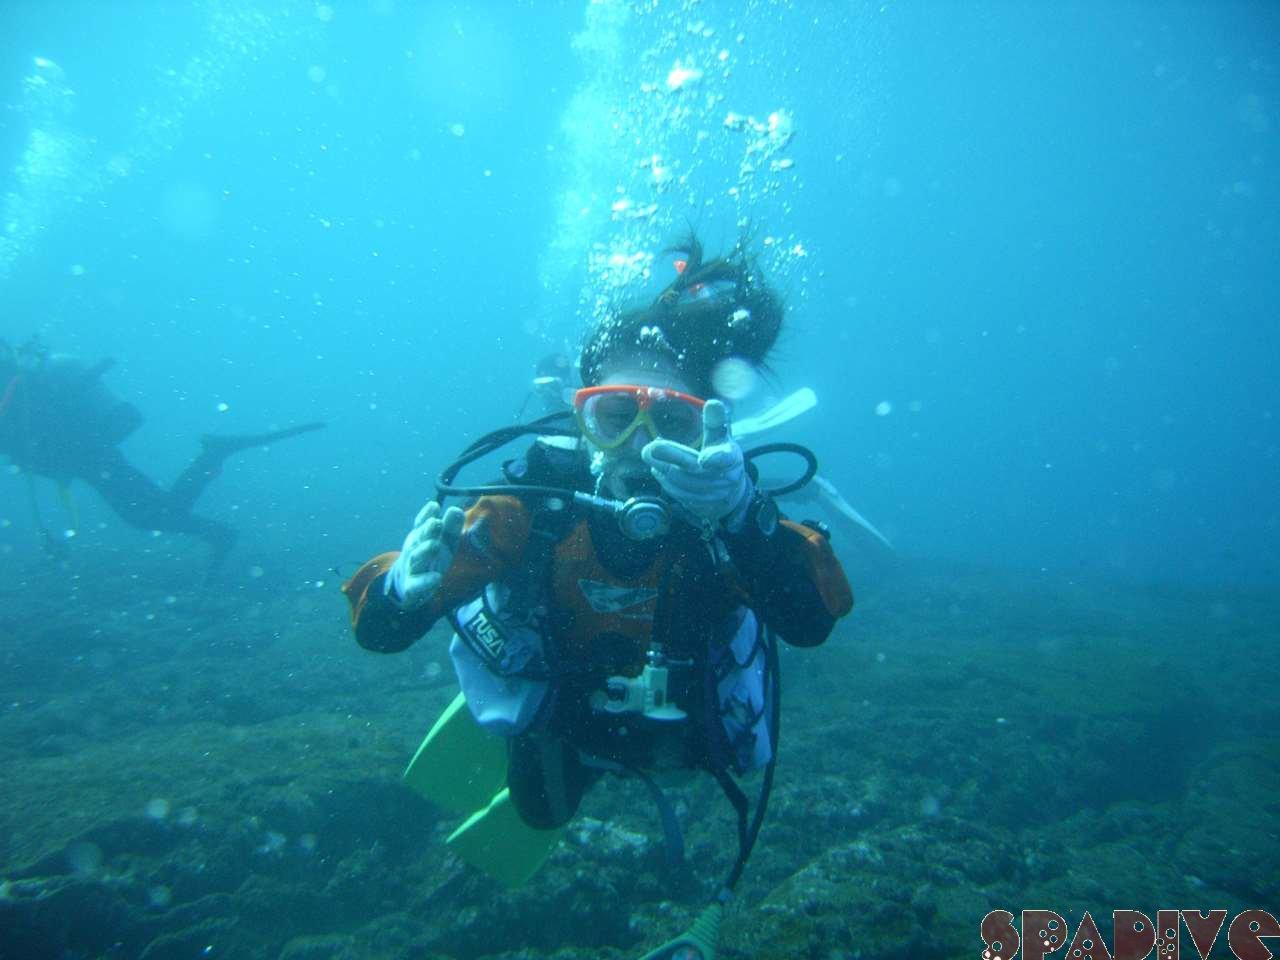 2007年12月撮影海フォトギャラリー|南紀白浜スパダイブ